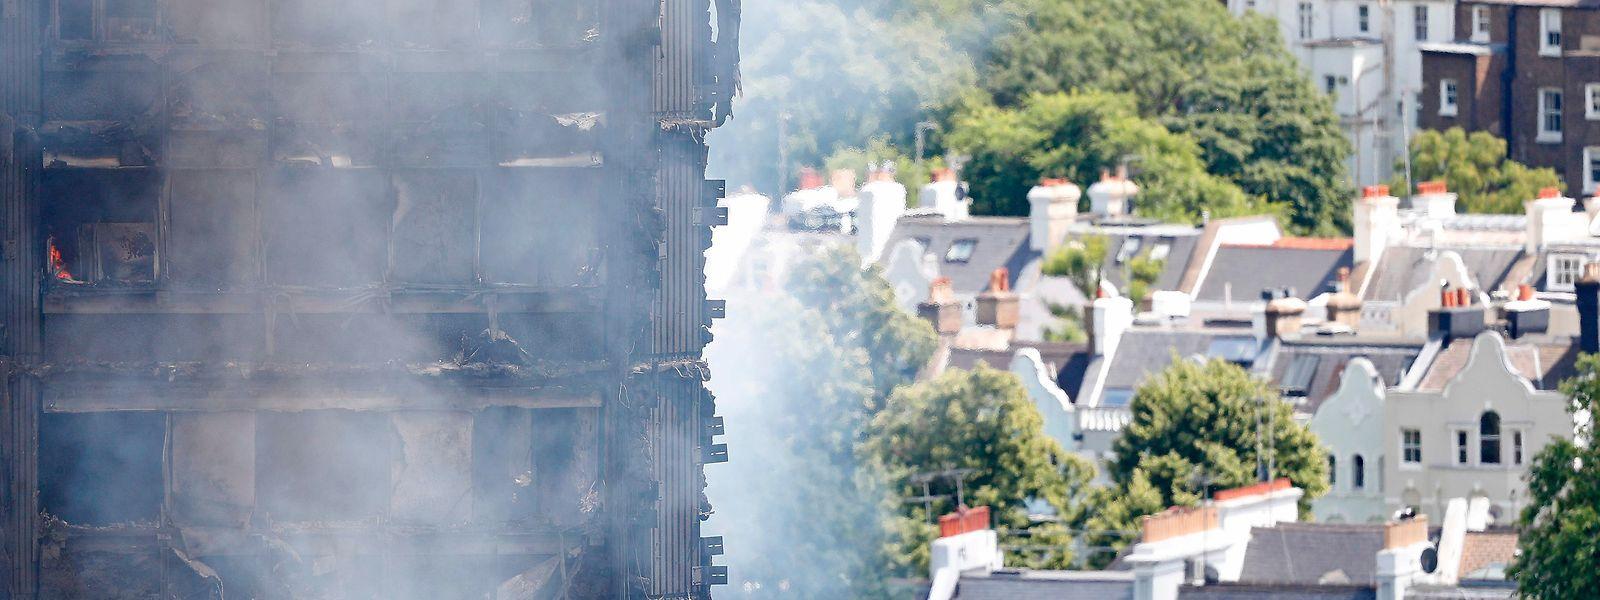 Das Gebäude brannte fast vollständig ab.